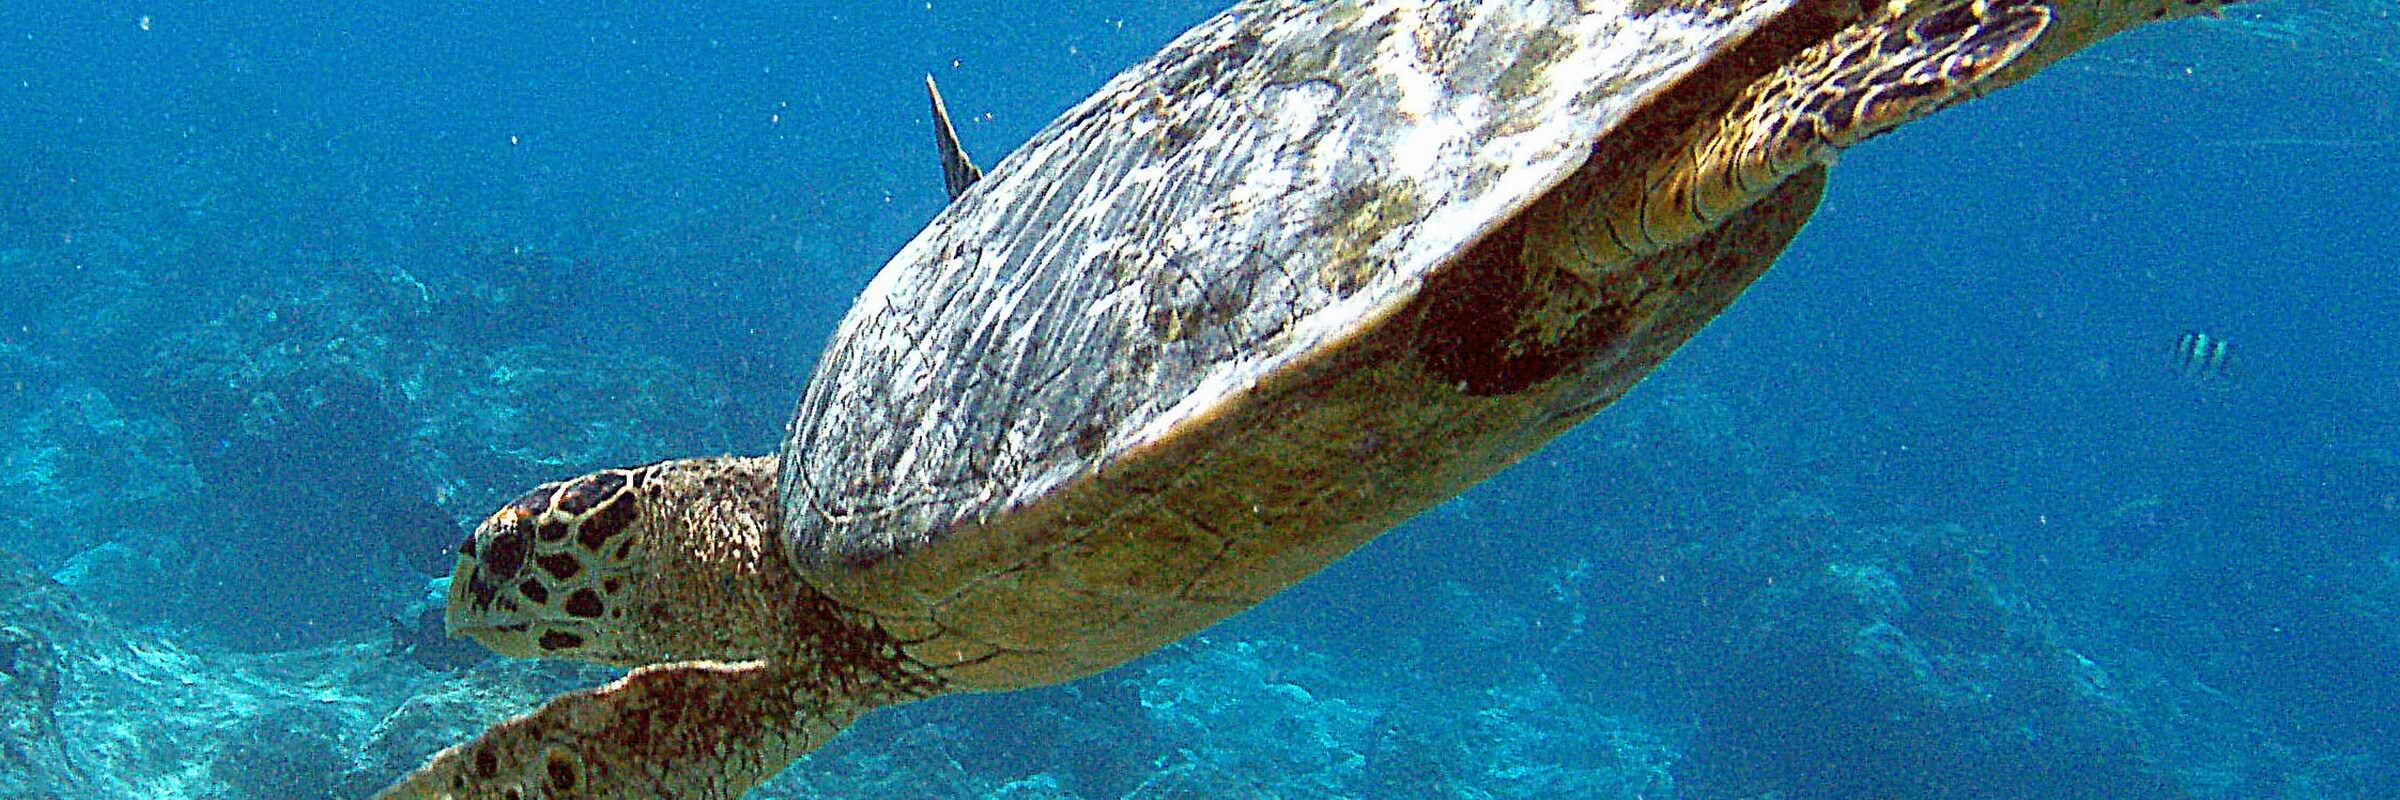 Beim Tauchen oder Schnorcheln vor den Malediven sind leicht große Meeresschildkröten anzutreffen.